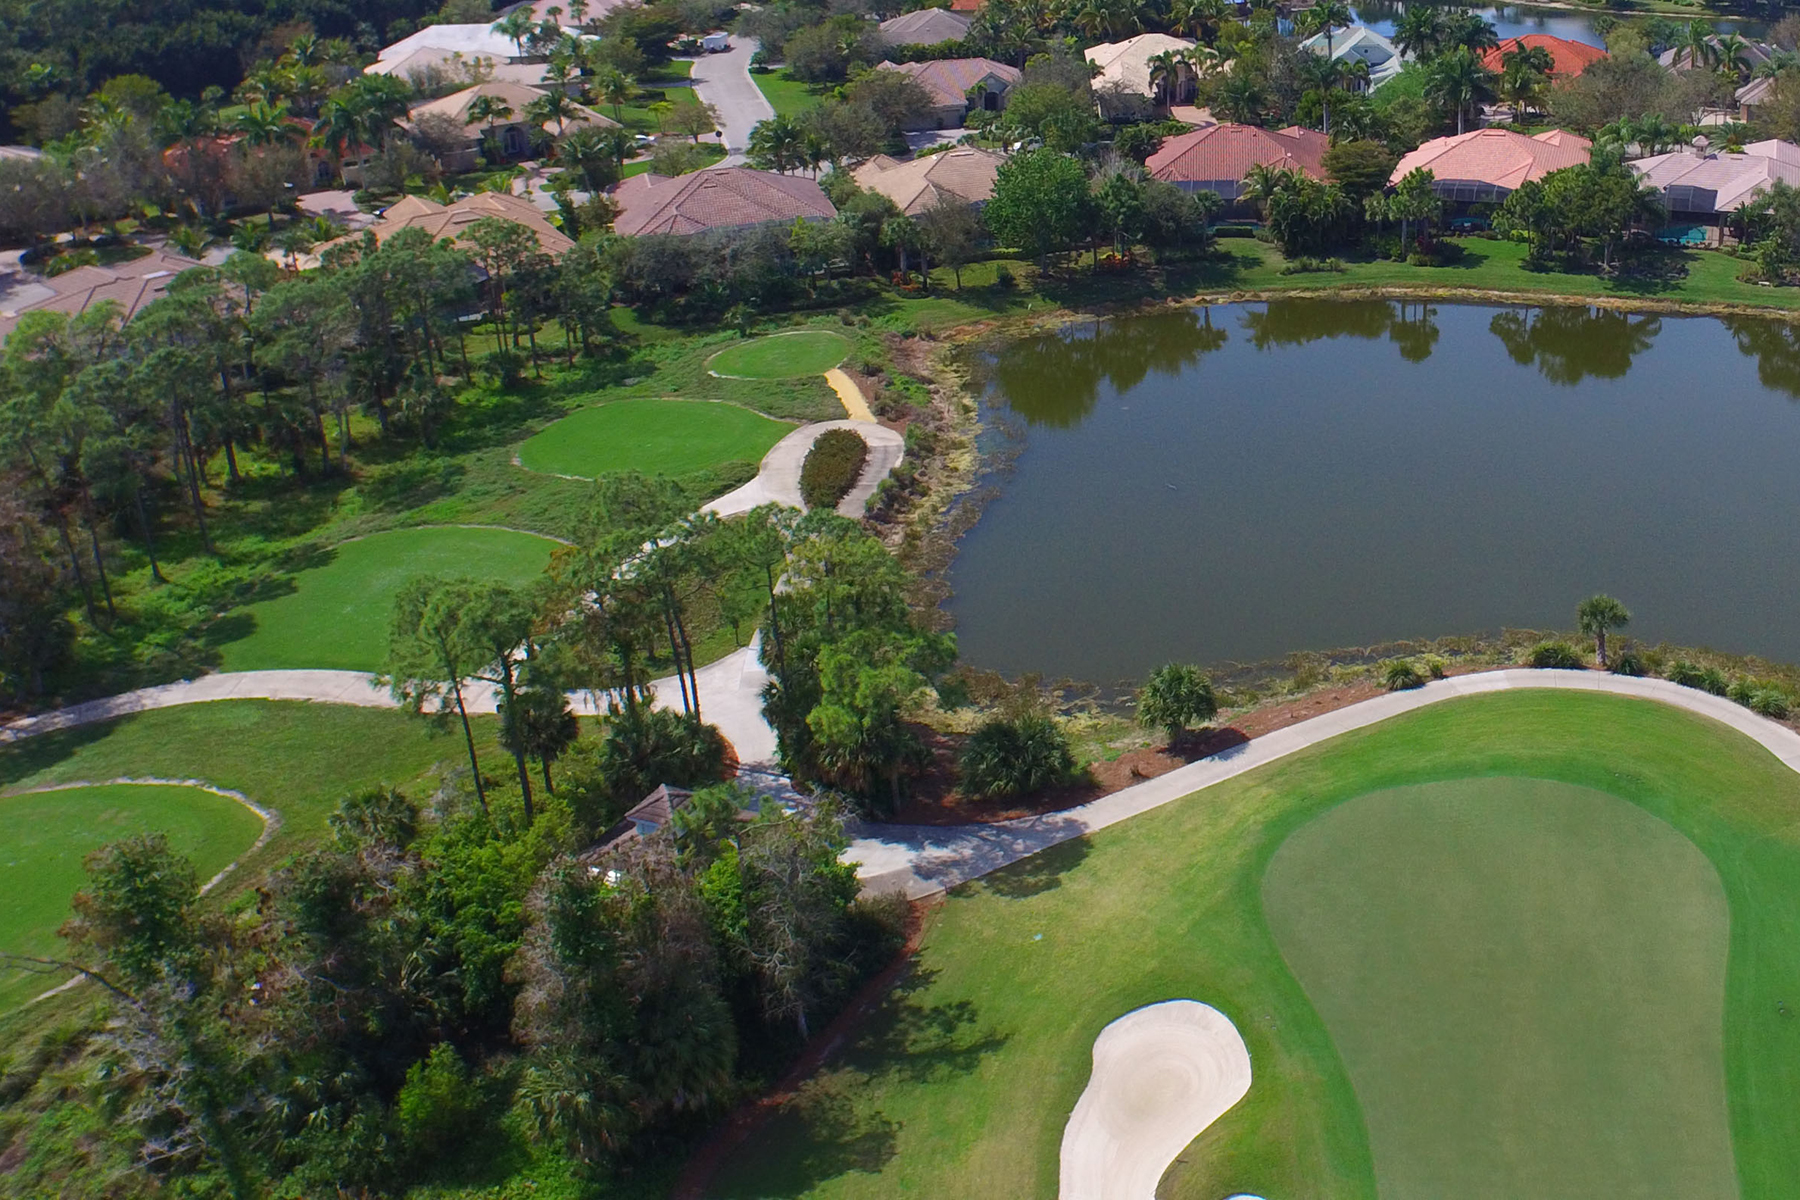 Maison unifamiliale pour l Vente à FIDDLER'S CREEK - MULBERRY 7646 Mulberry Ln Naples, Florida 34114 États-Unis